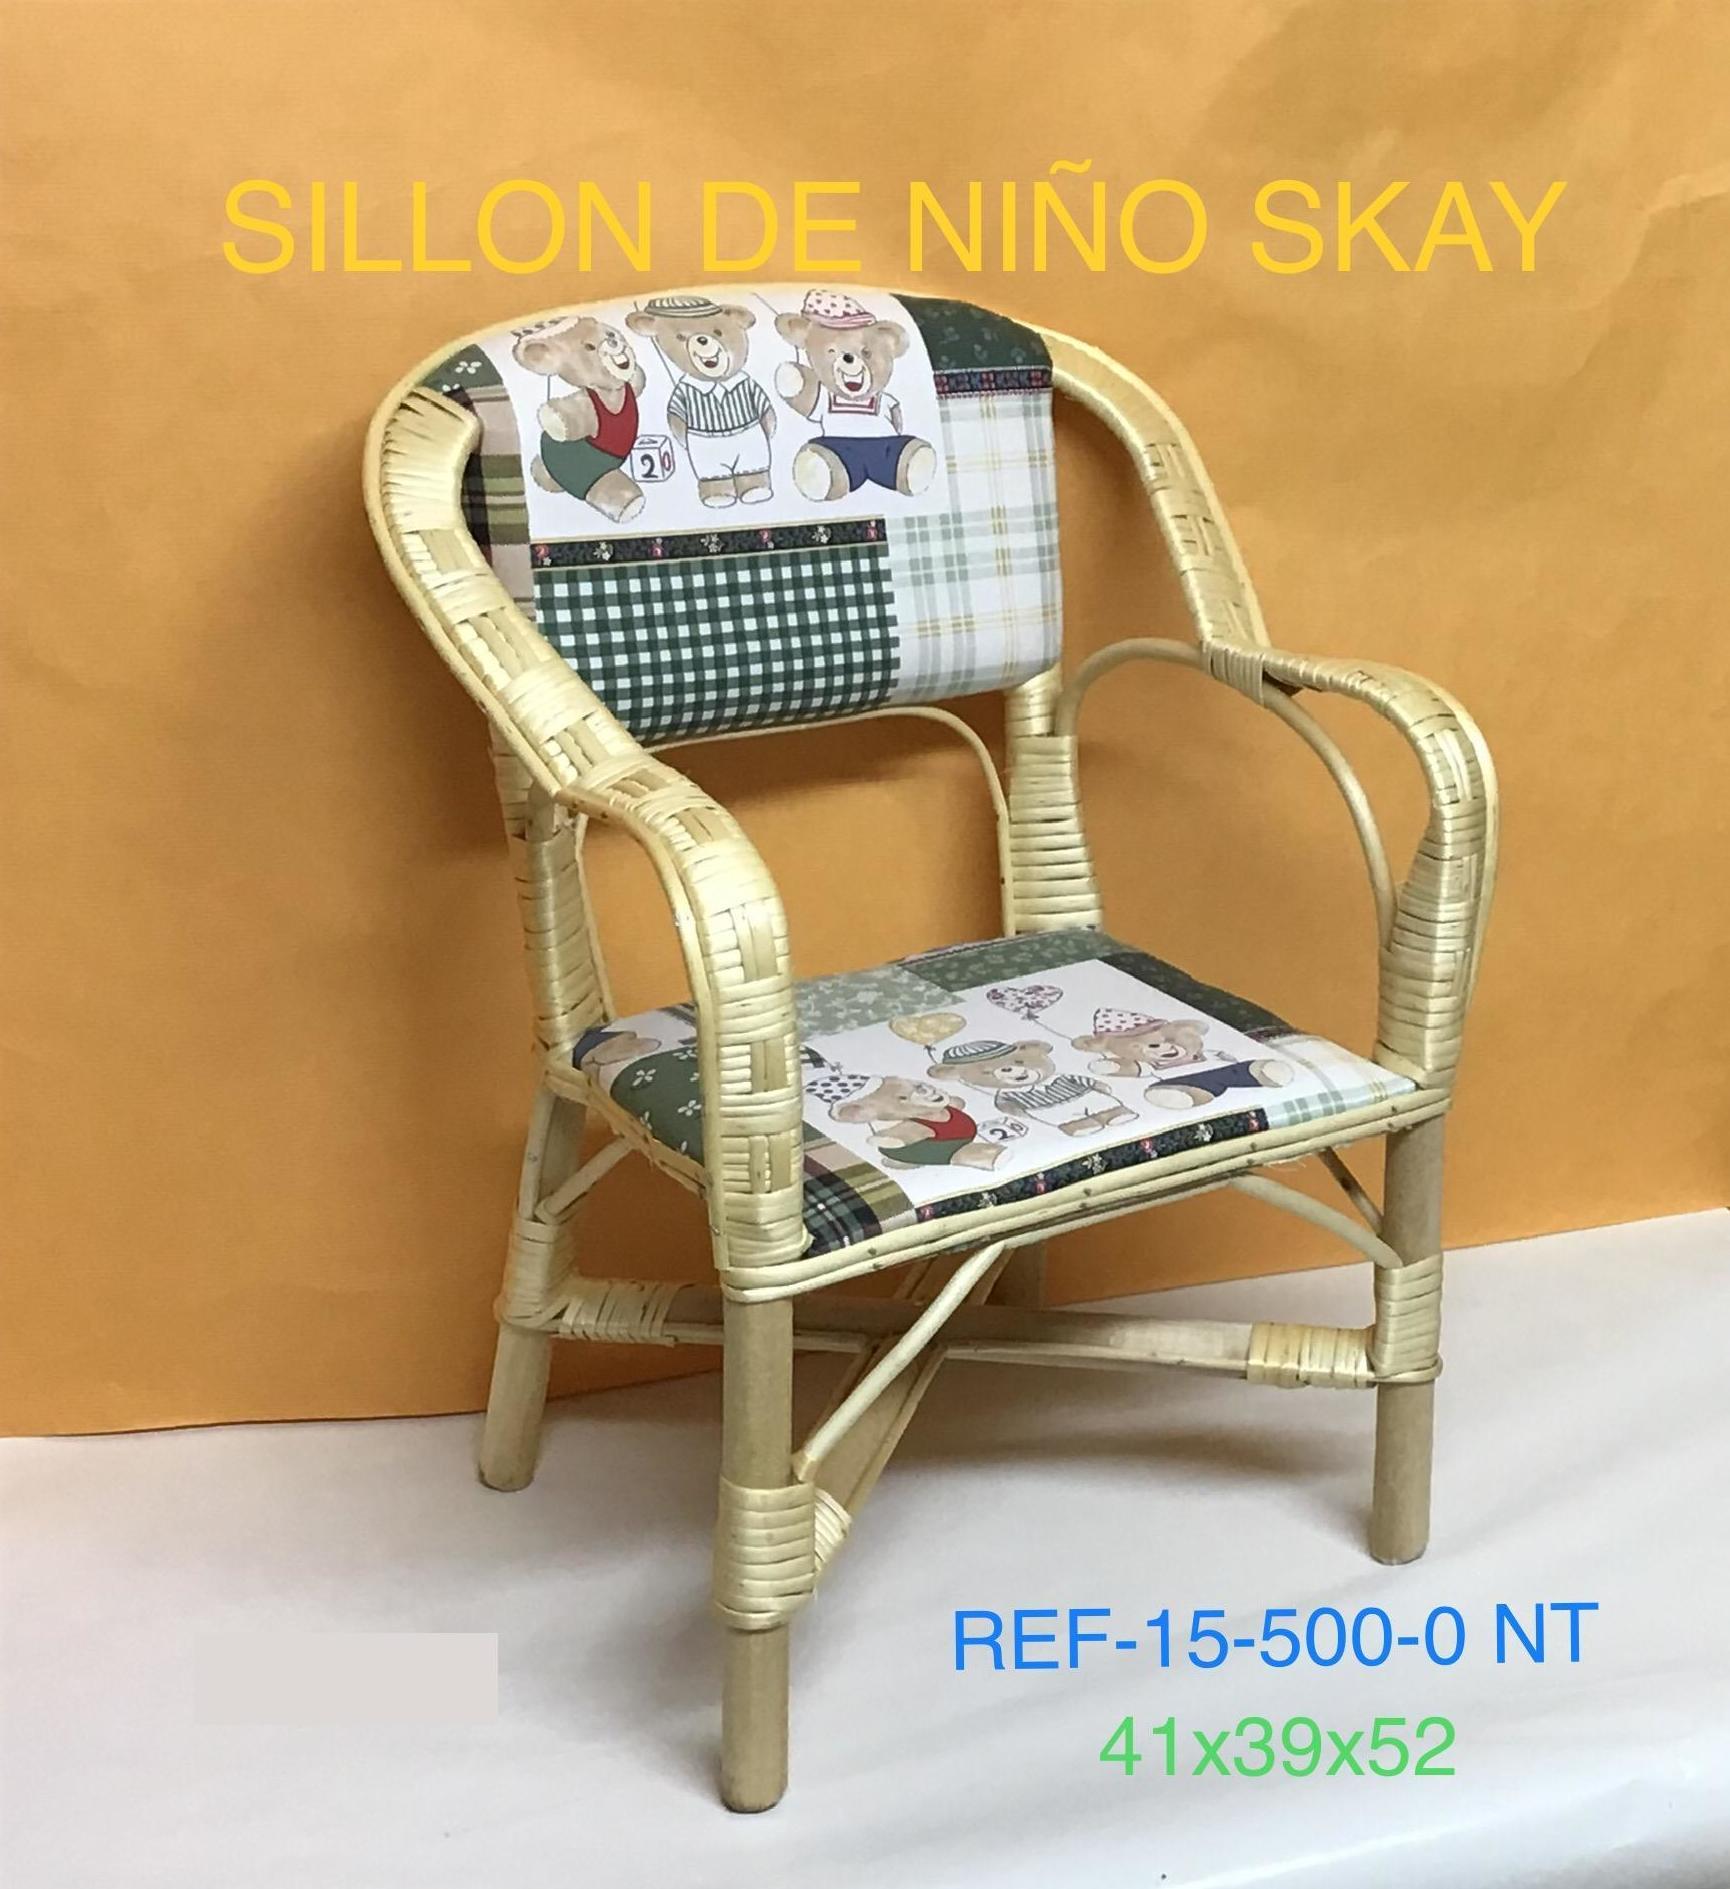 15-500-0NT SILLON  NIÑO SKAY NT 41X39X52